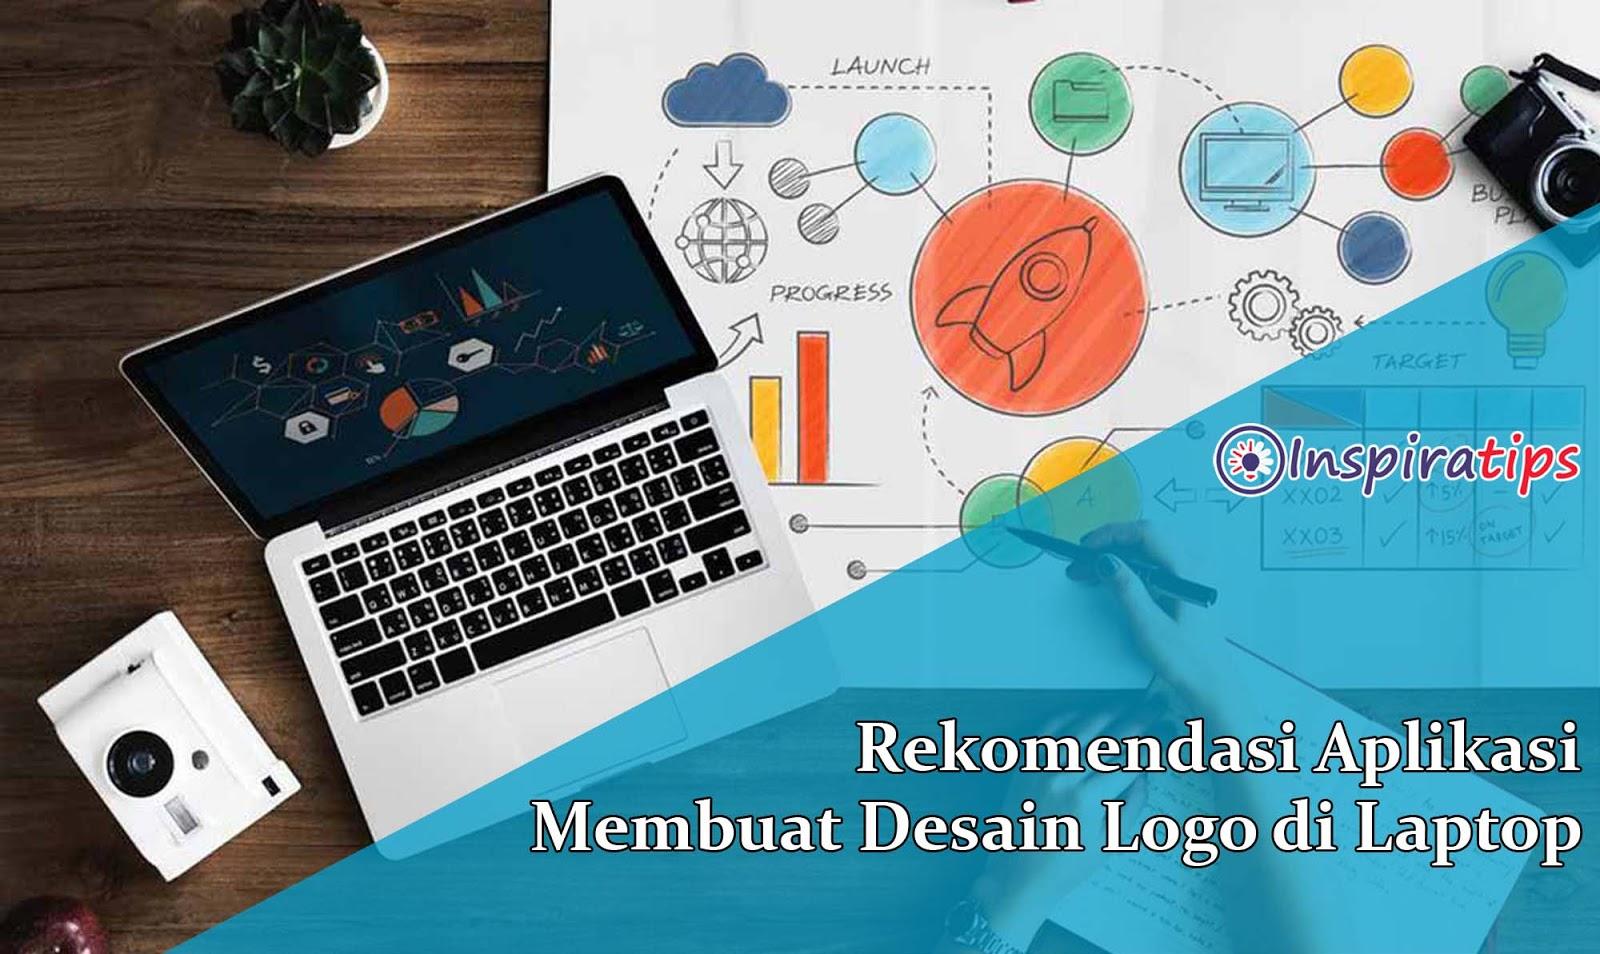 aplikasi membuat desain logo di laptop